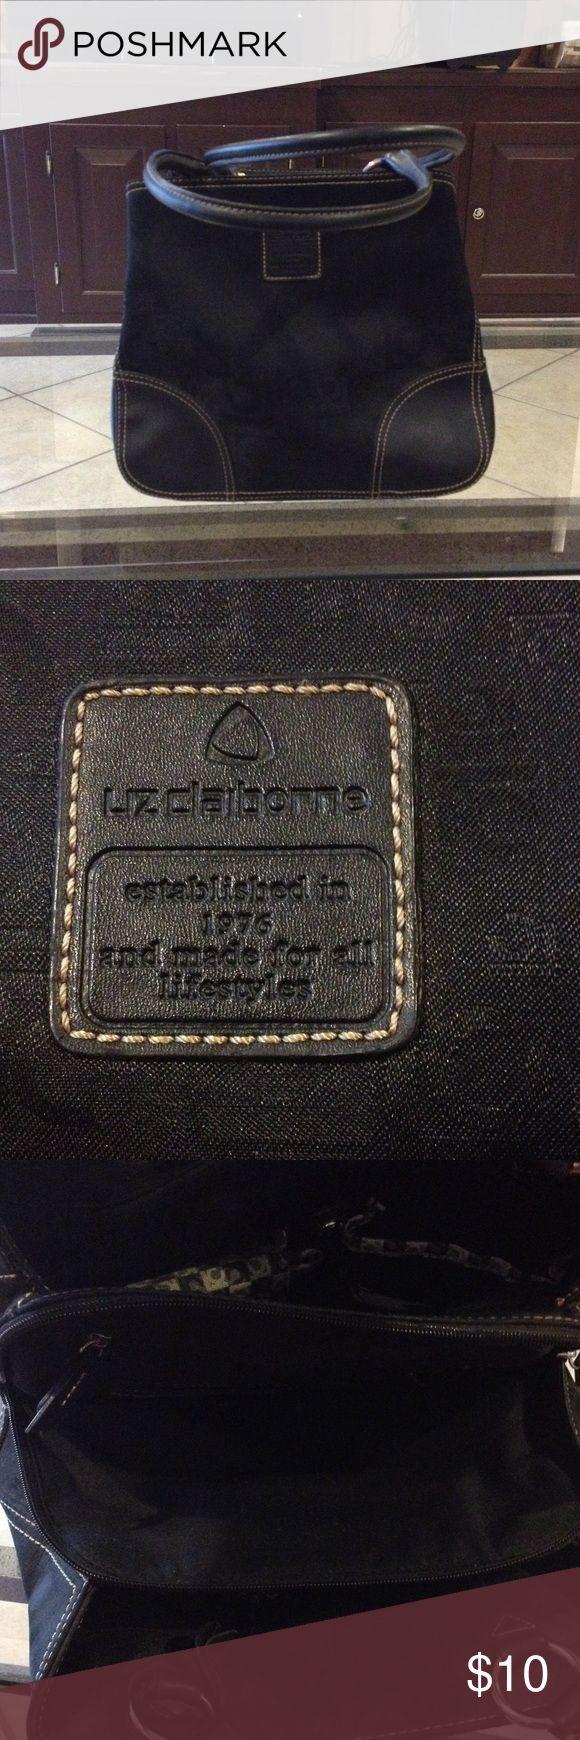 Liz Claiborne black purse good condition Liz Claiborne black purse good condition Liz Claiborne Bags